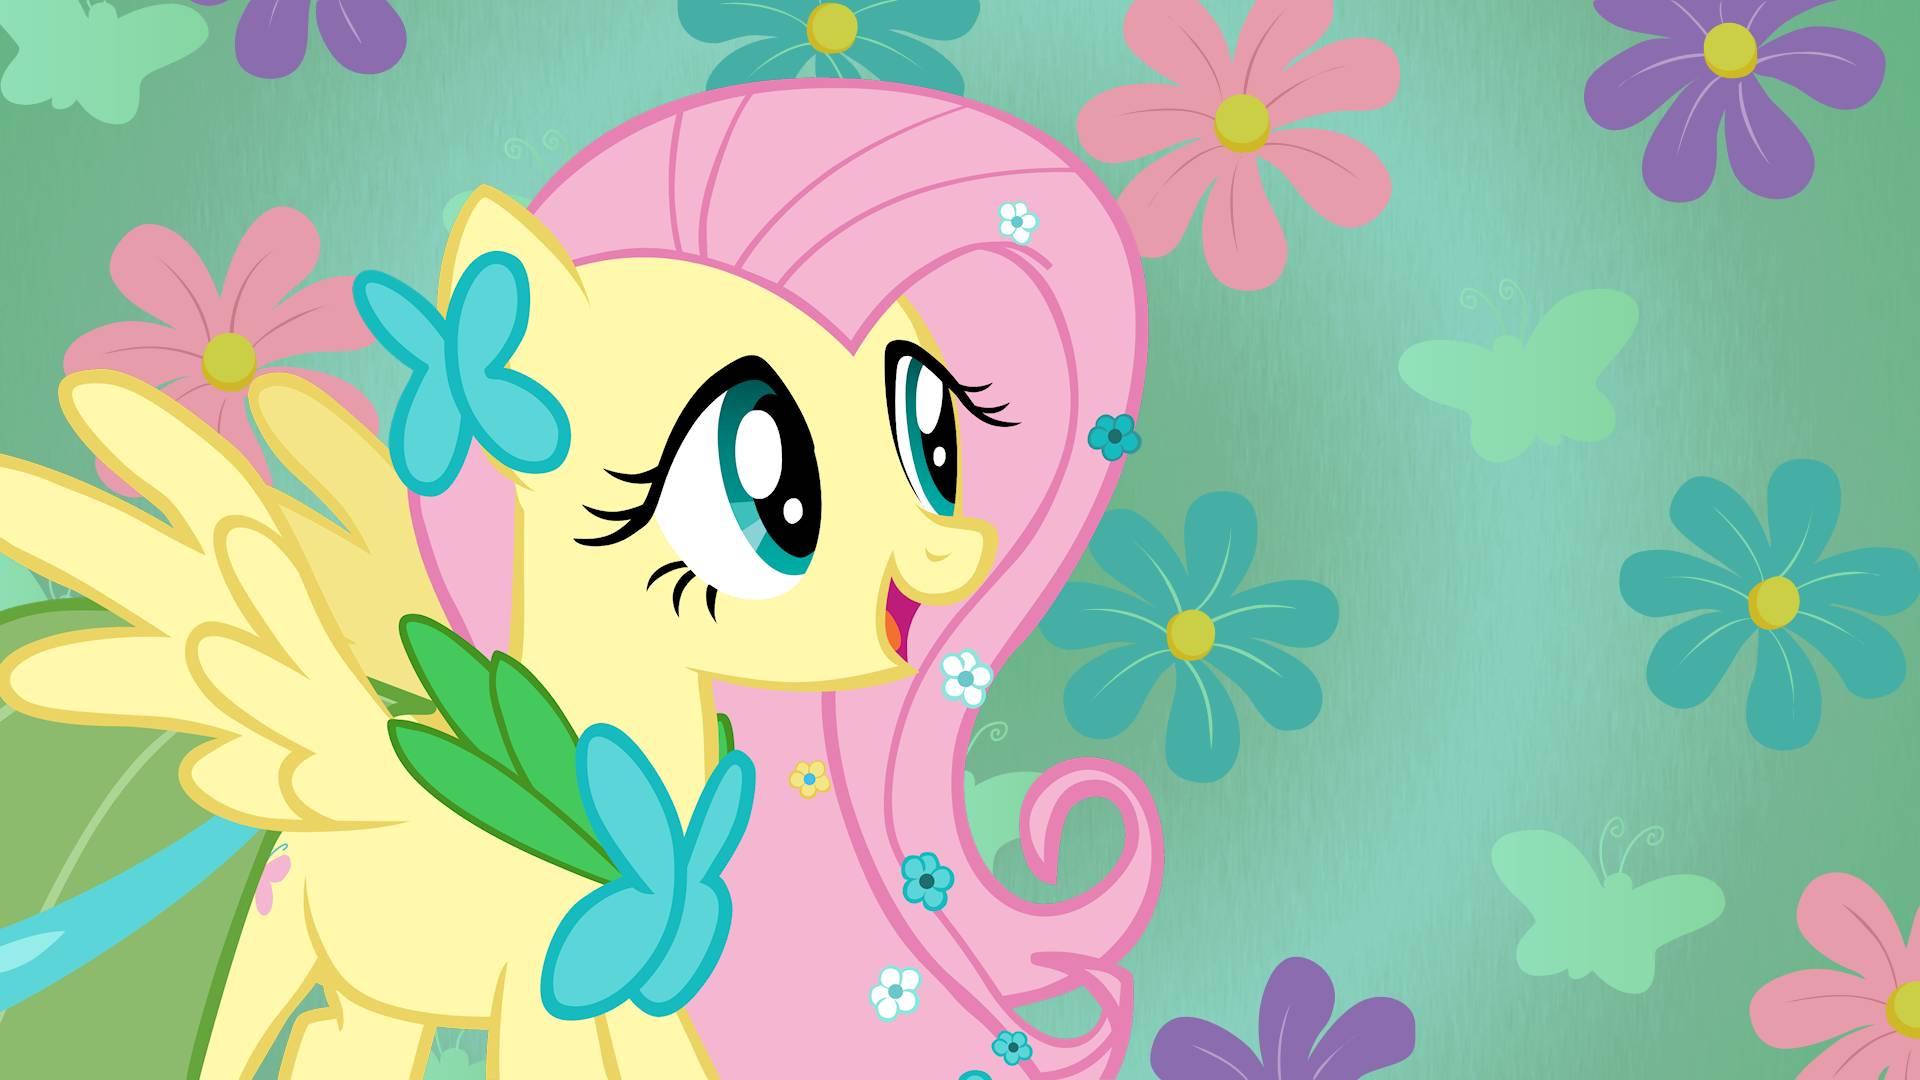 My Little Pony Wallpaper Images - My Little Pony Wallpaper Fluttershy - HD Wallpaper